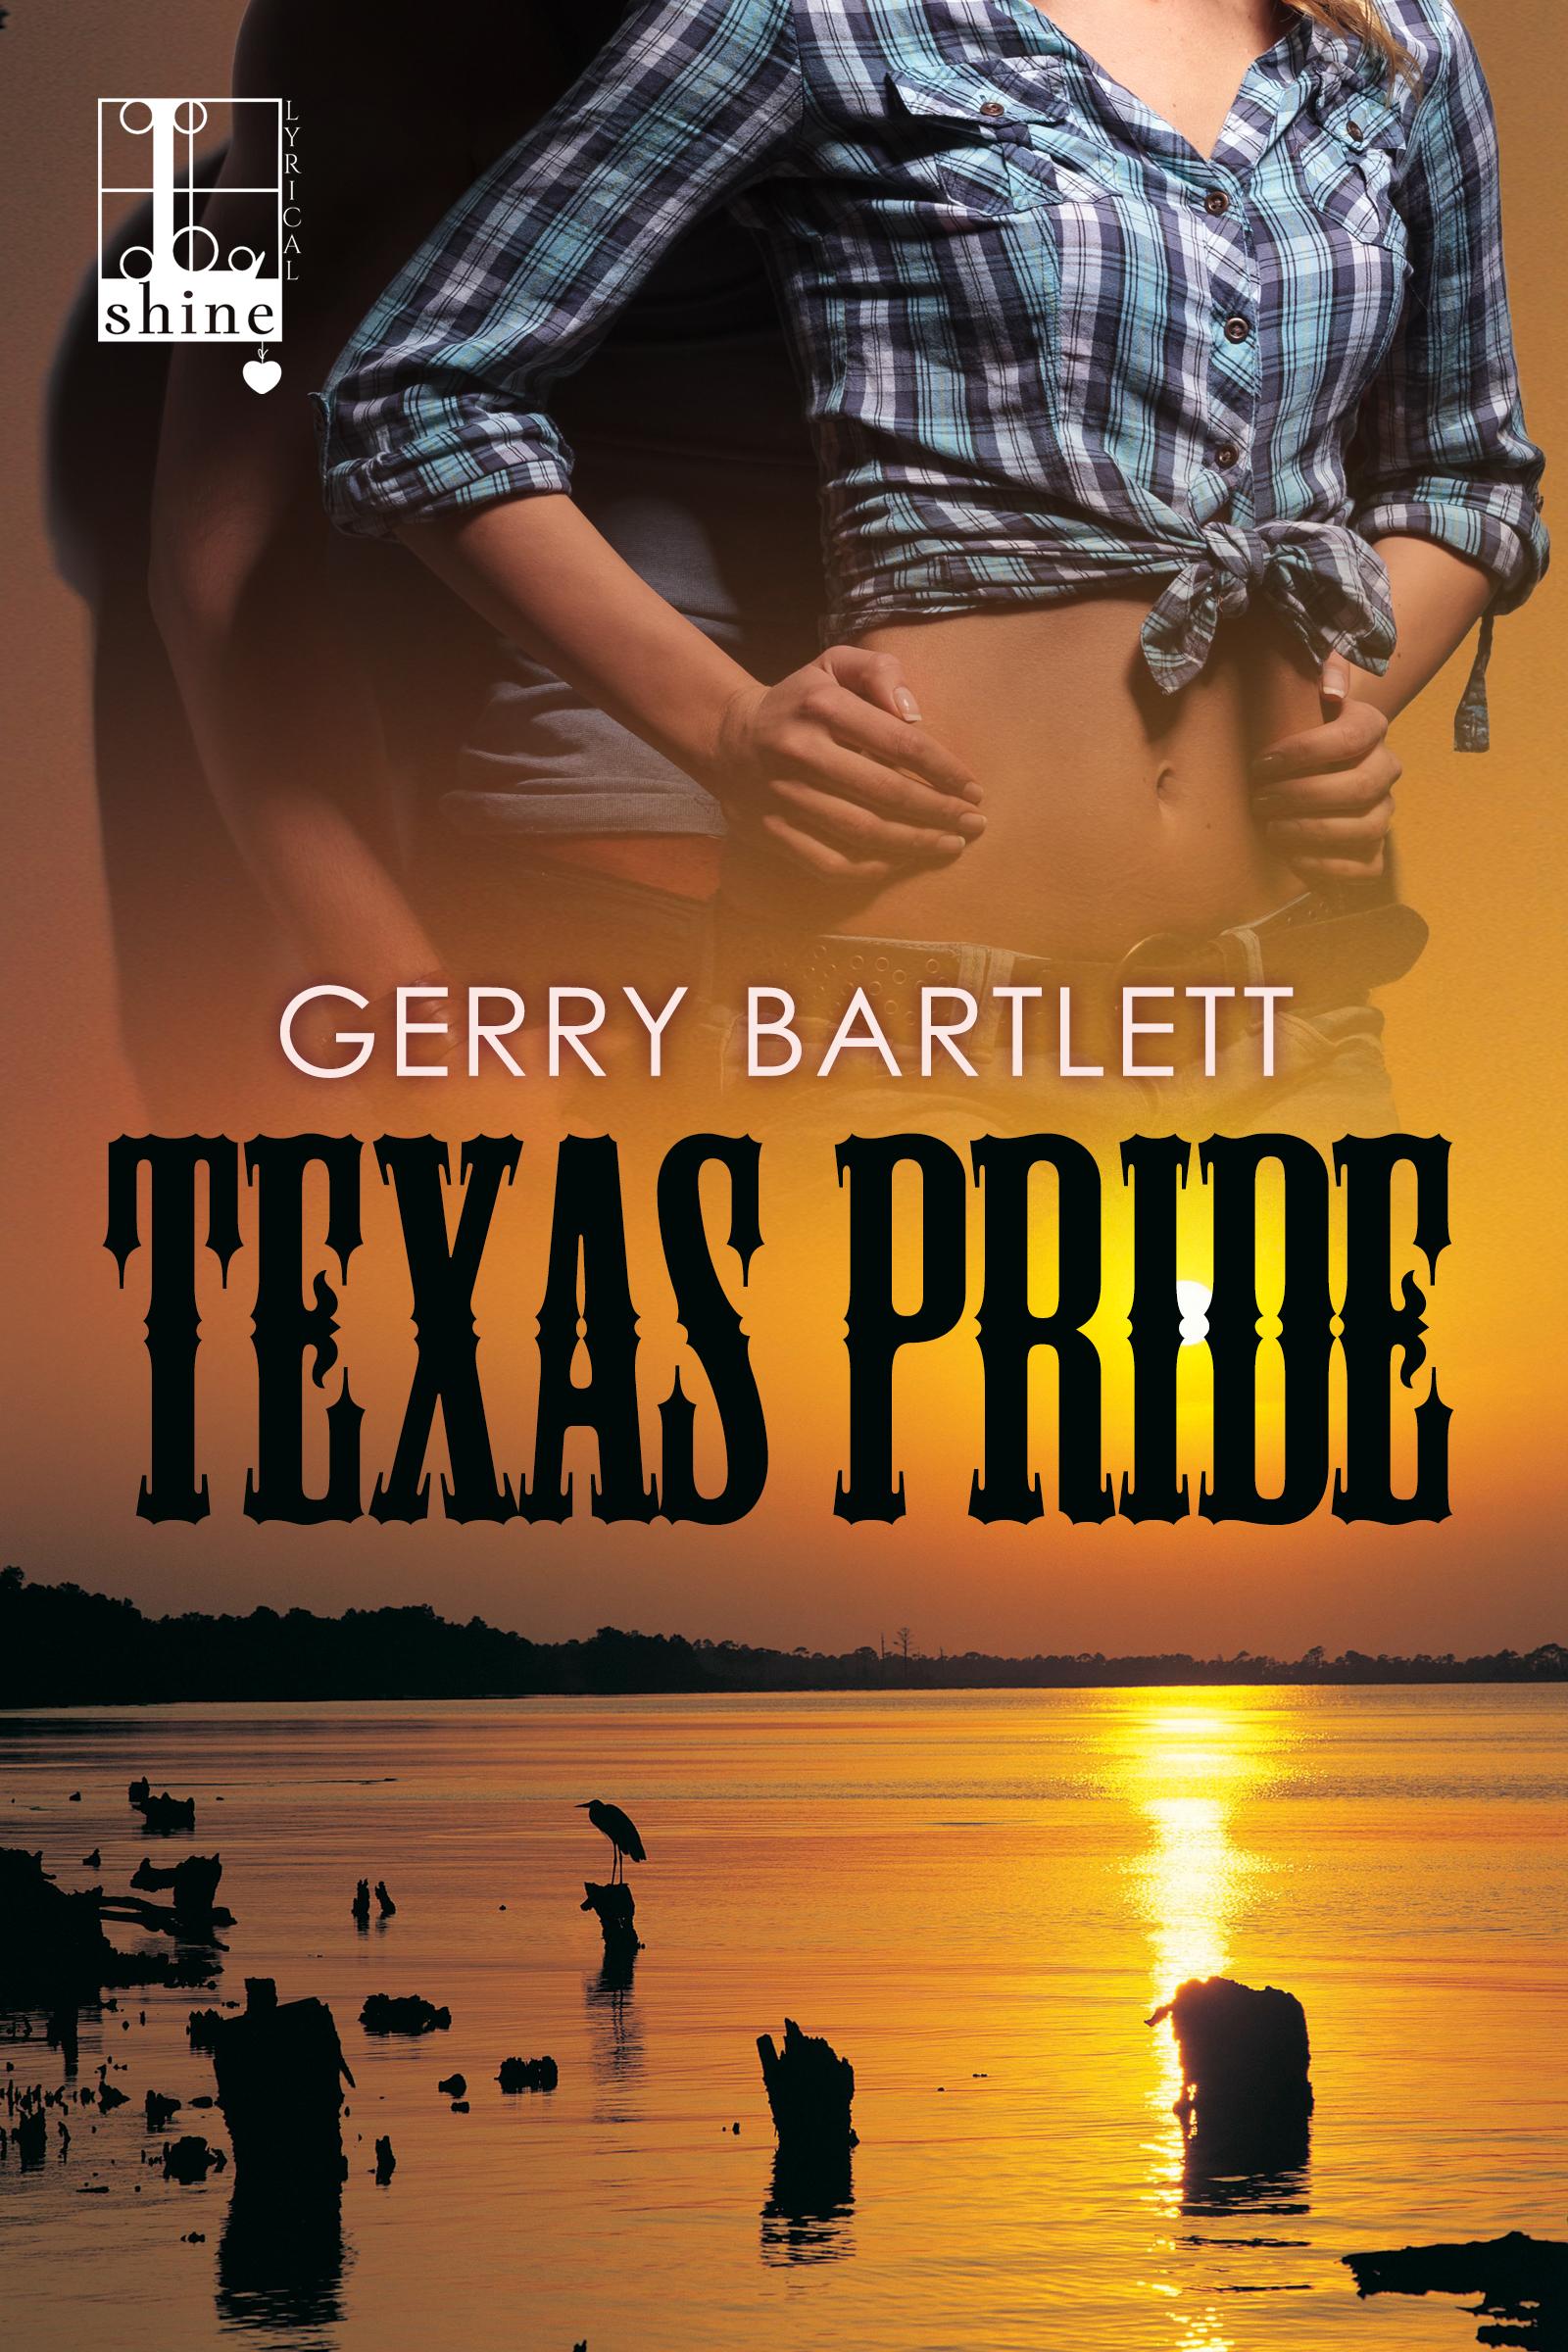 Texas Pride FINAL